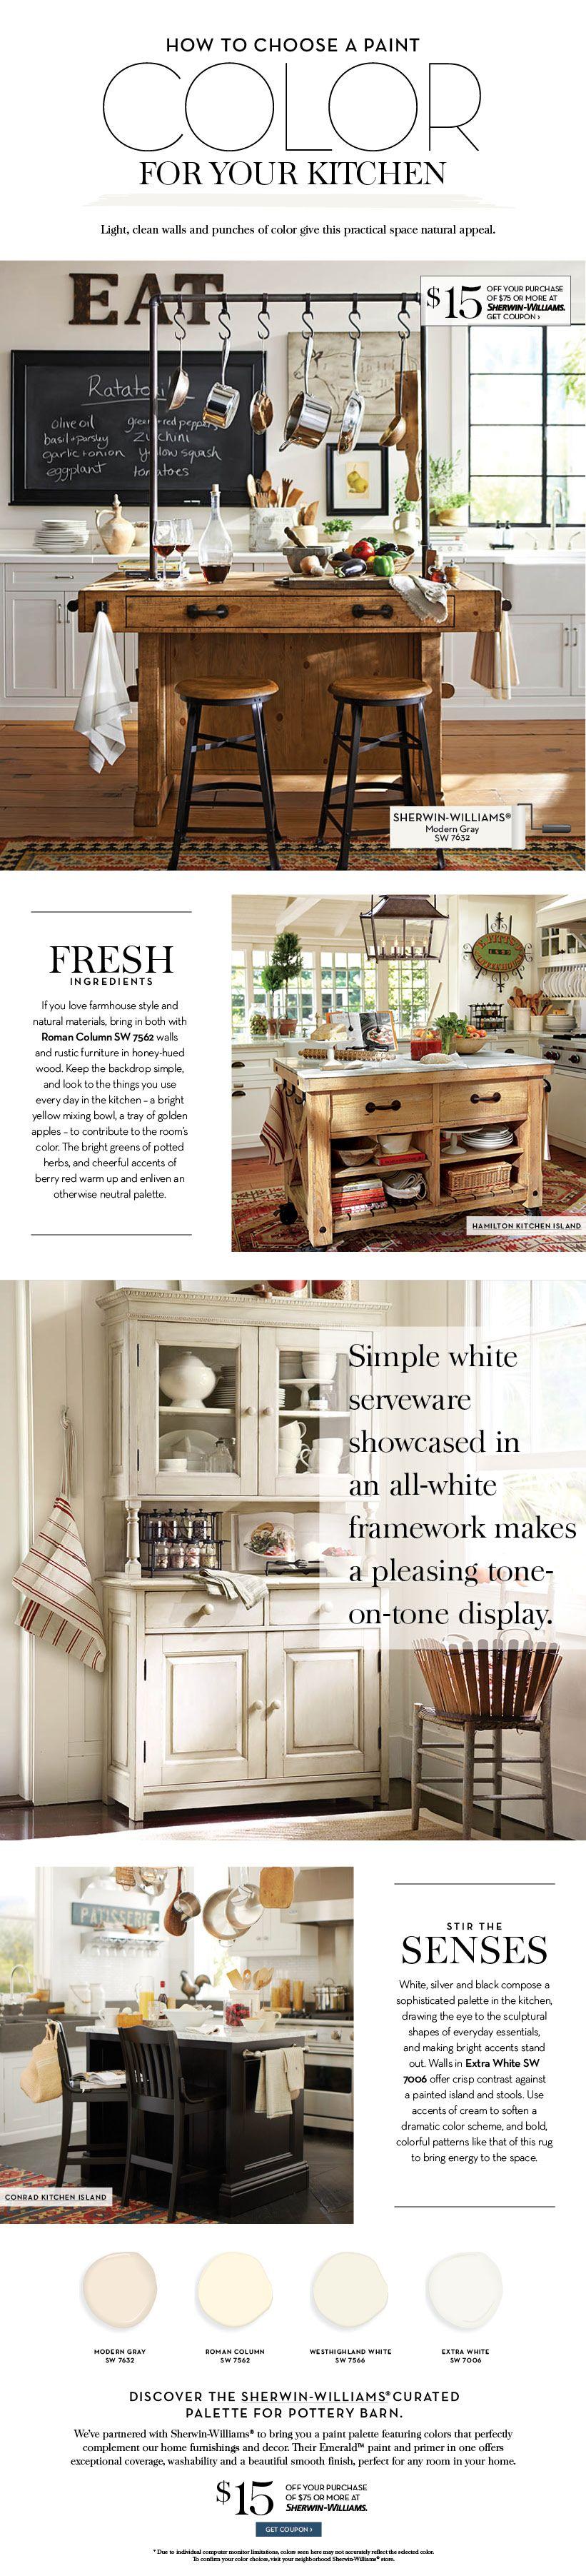 Roman column paint color choose a paint color for your kitchen